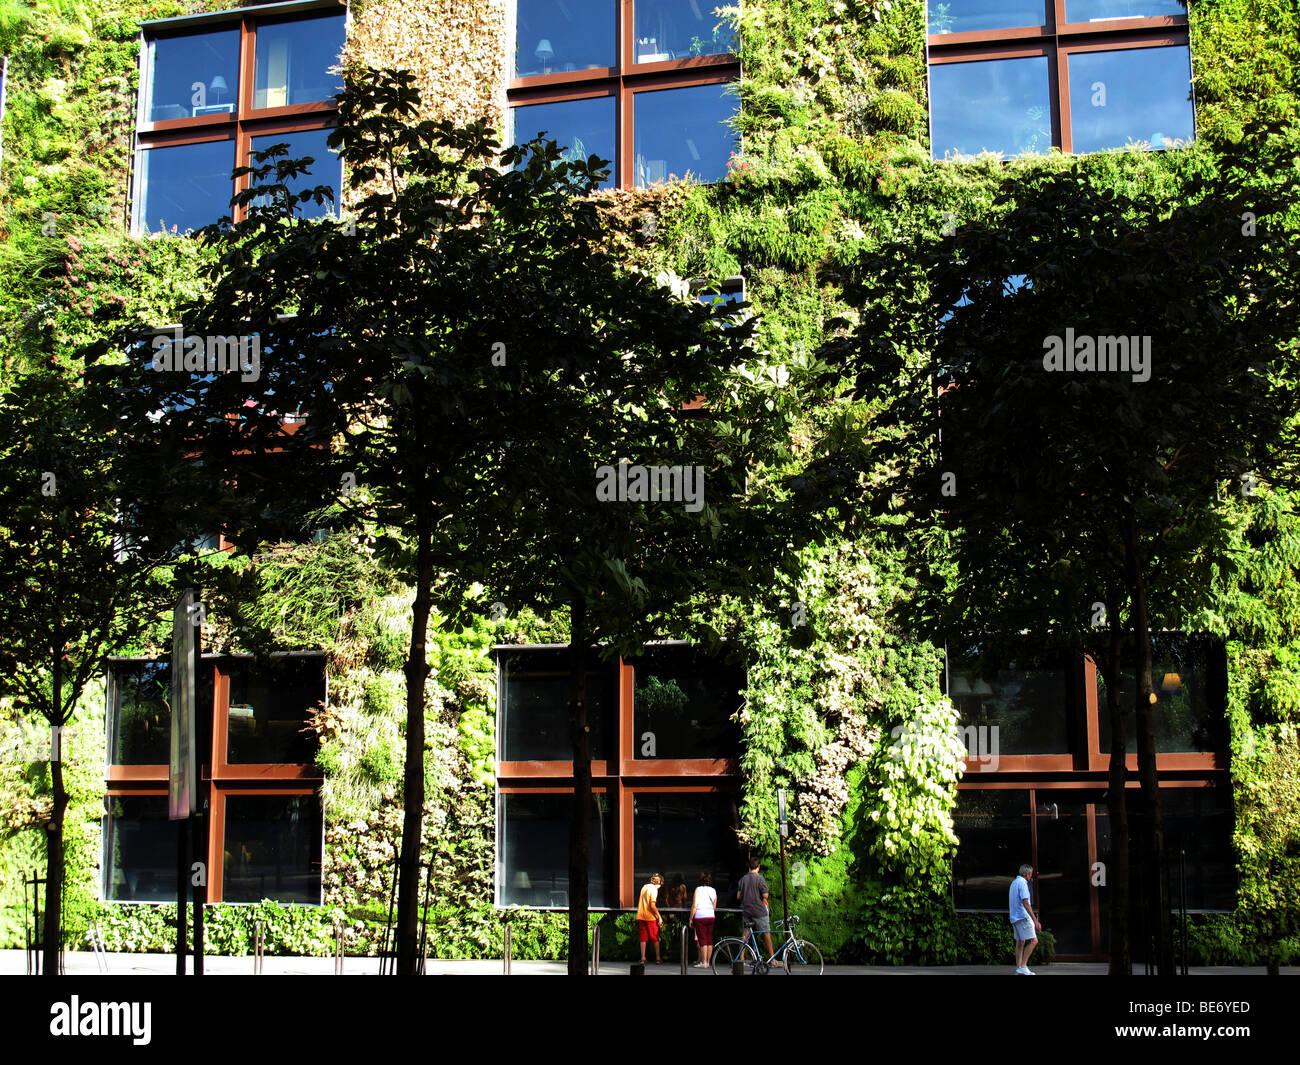 Quai Branly Garden Photos & Quai Branly Garden Images - Alamy